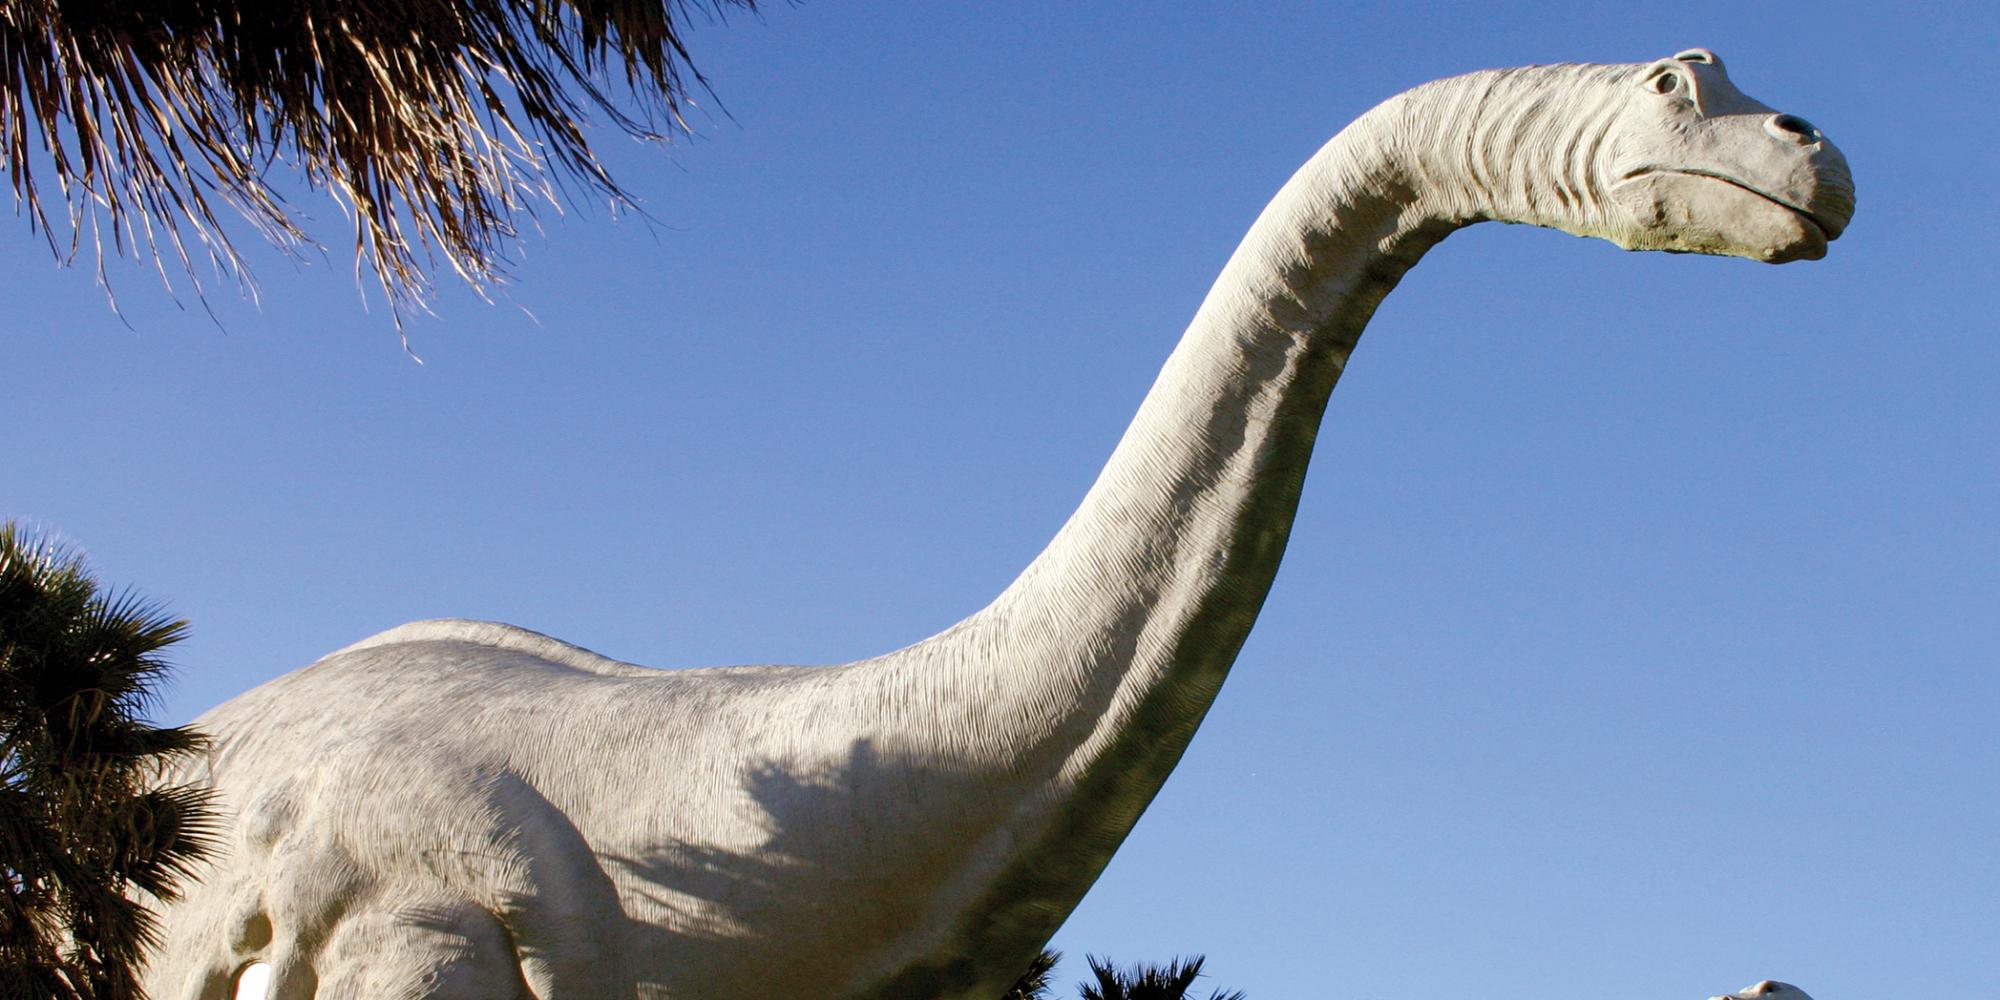 The heaviest dinosaur was Argentinosaurus at 77 tonnes.